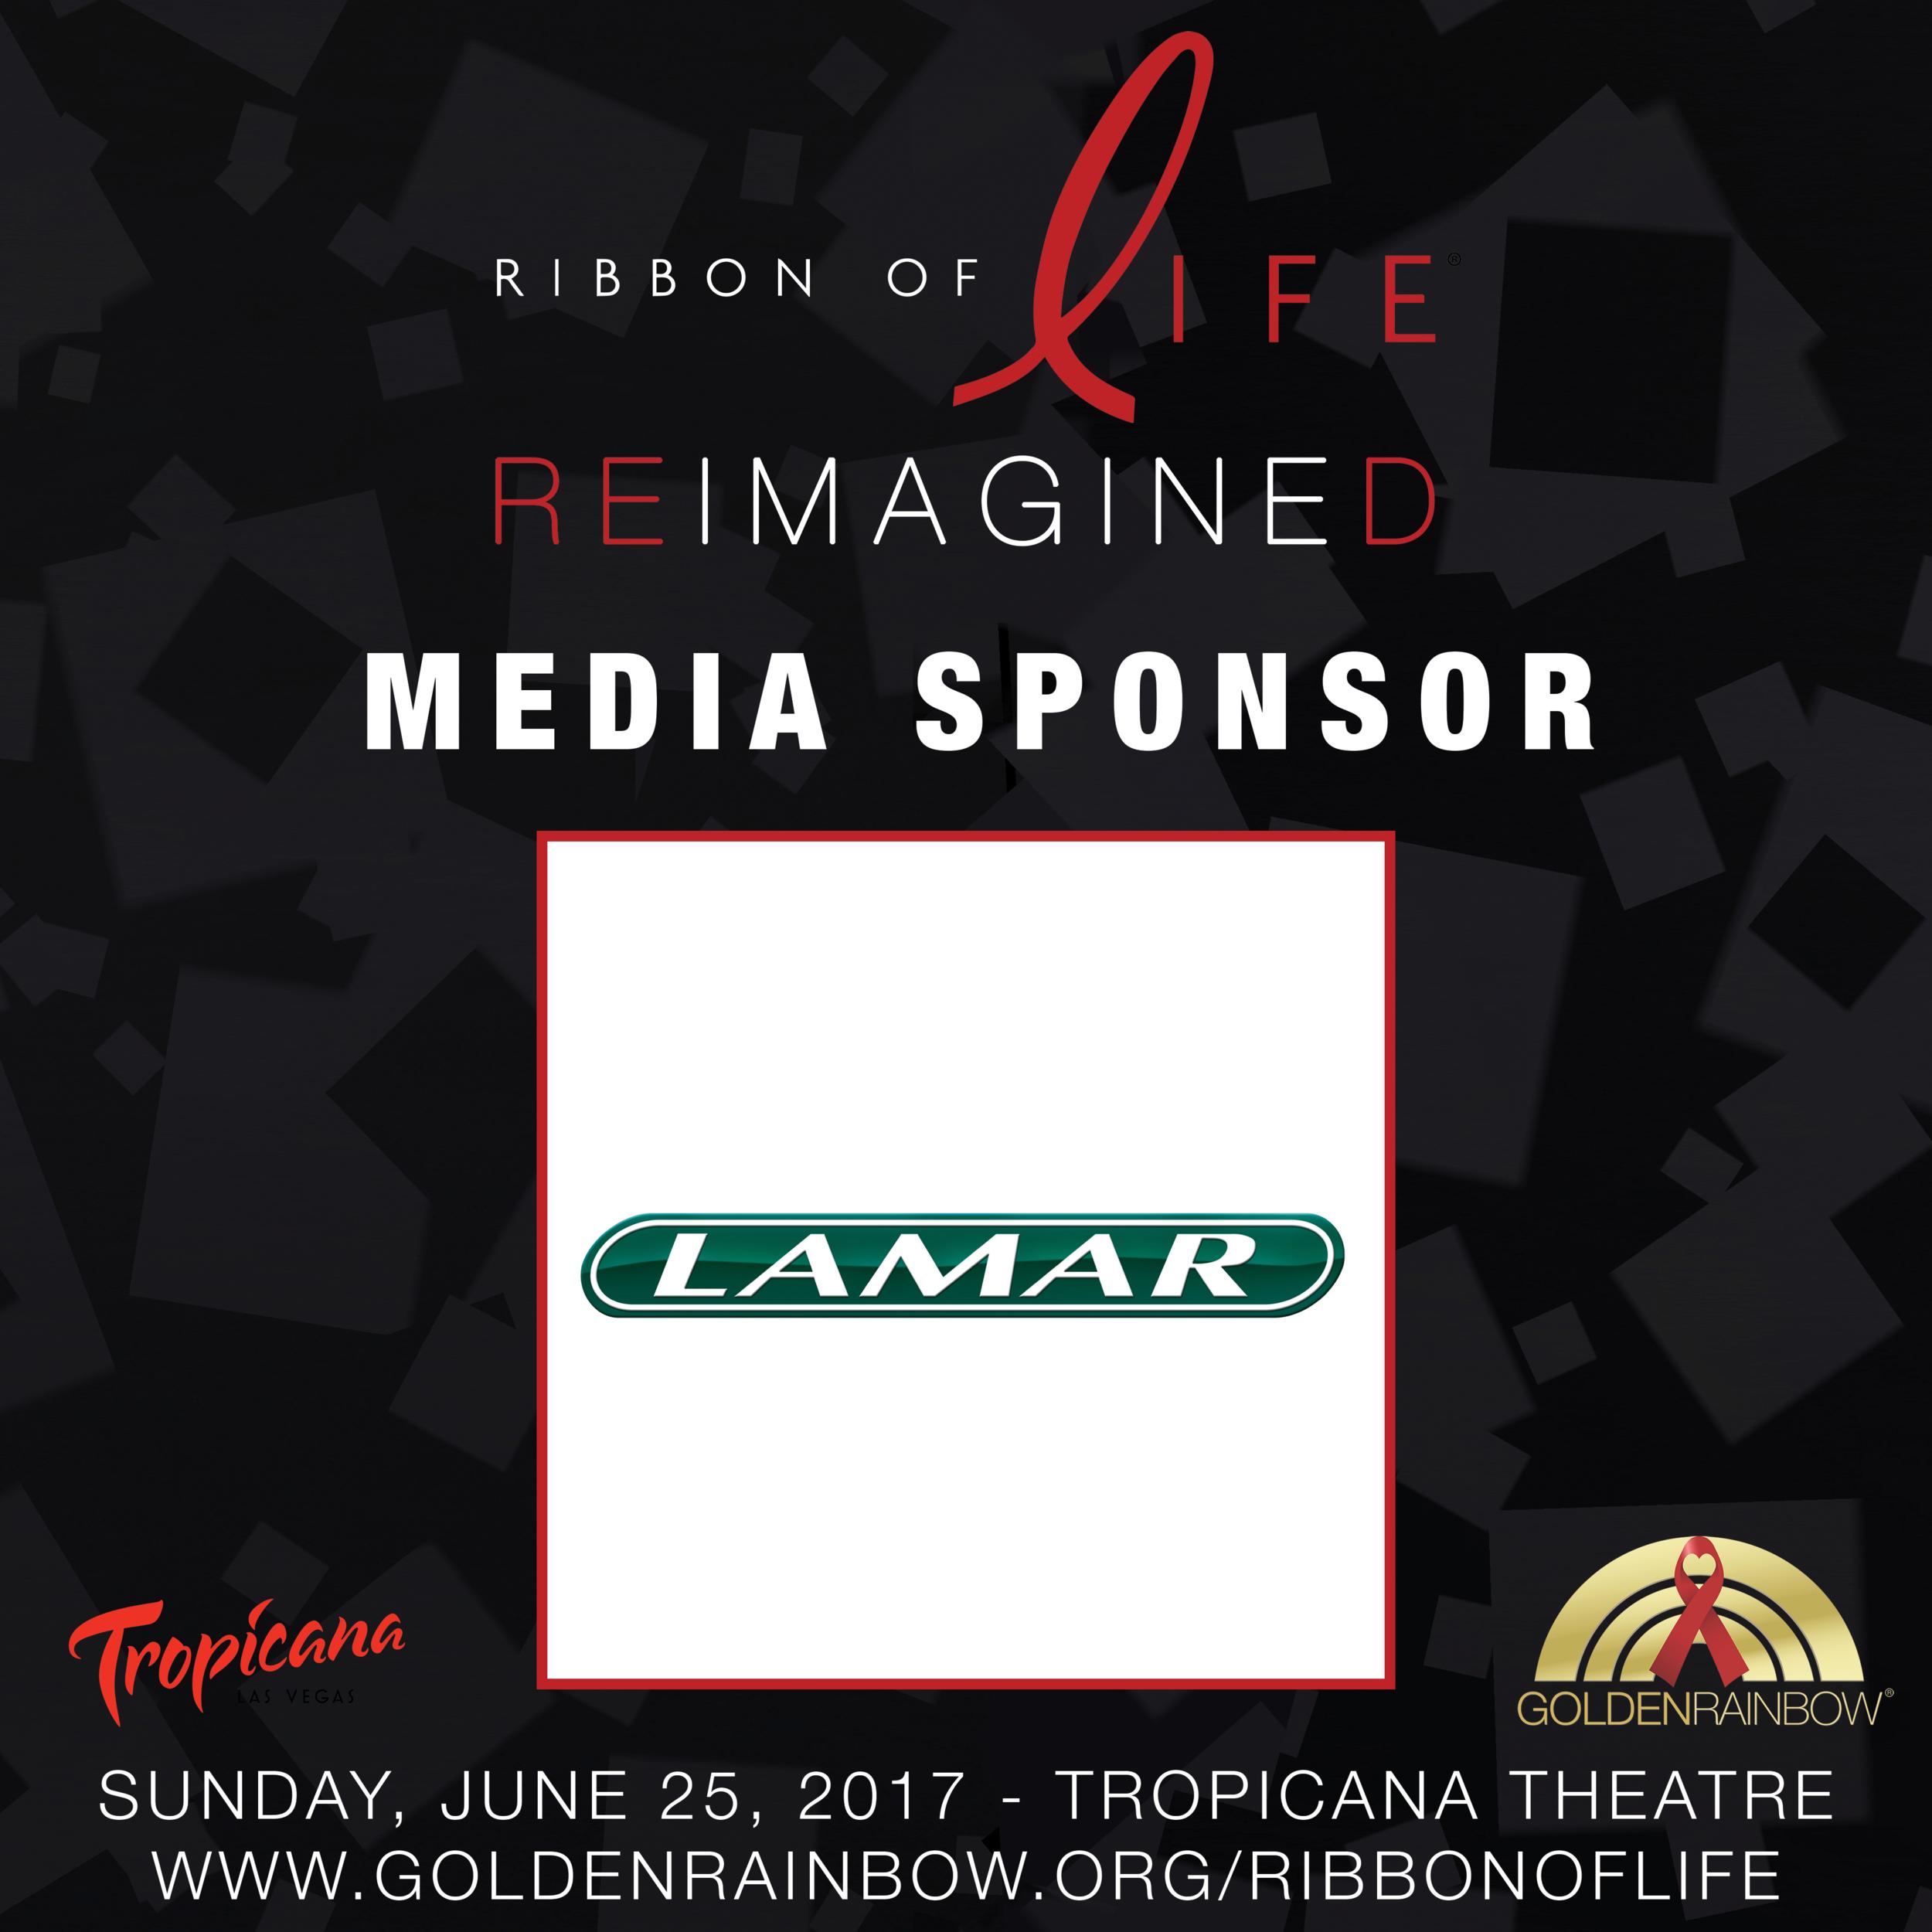 Lamar_MediaSponsor_Web.png